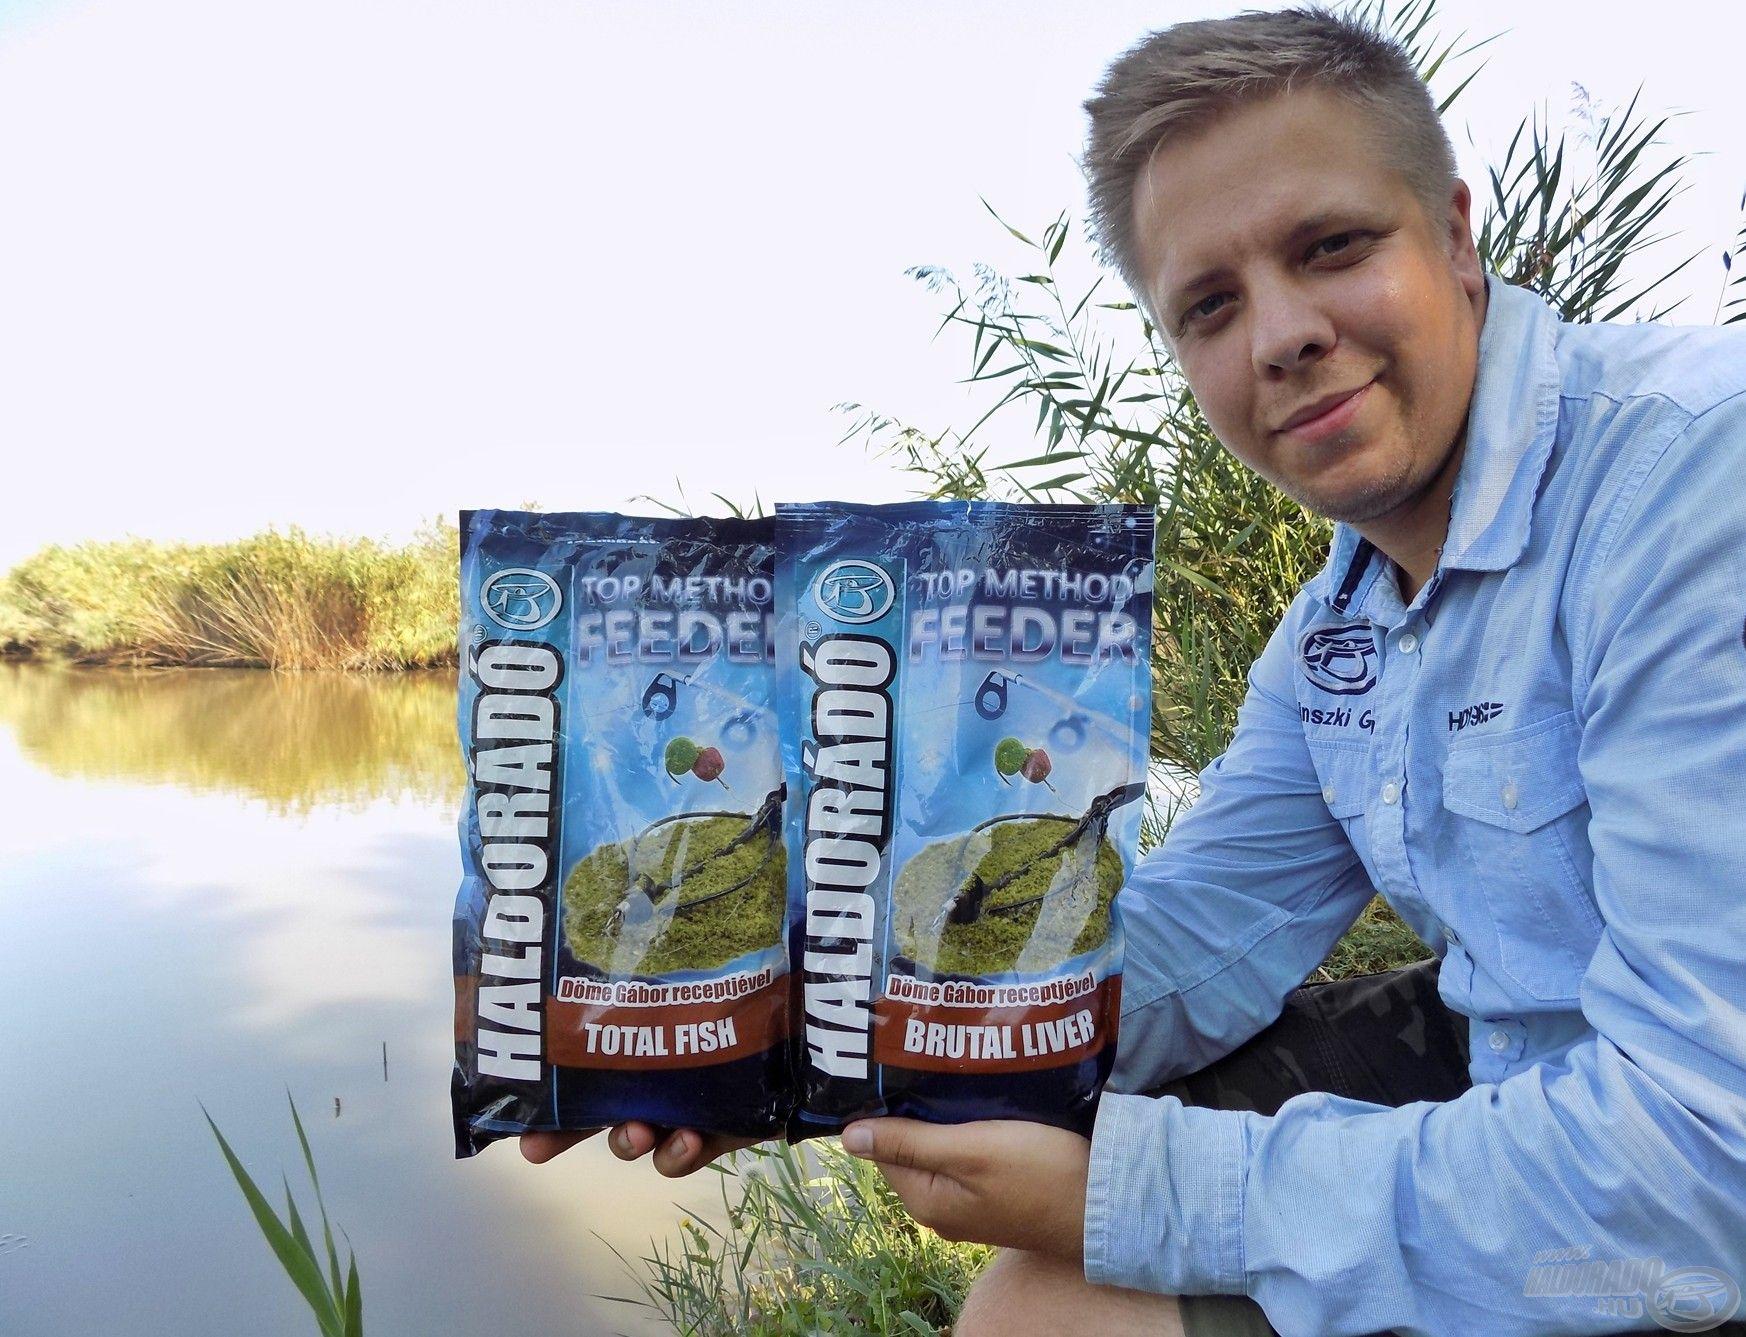 Egyik kedvenc keverékem a Haldorádó Top Method Feeder - Brutal Liver és Total Fish etetőanyagok 50:50 arányú keveréke. Bátran ajánlom az év bármely időszakában, vagy ha nagy nyomás alatt álló vízterületen horgásztok!